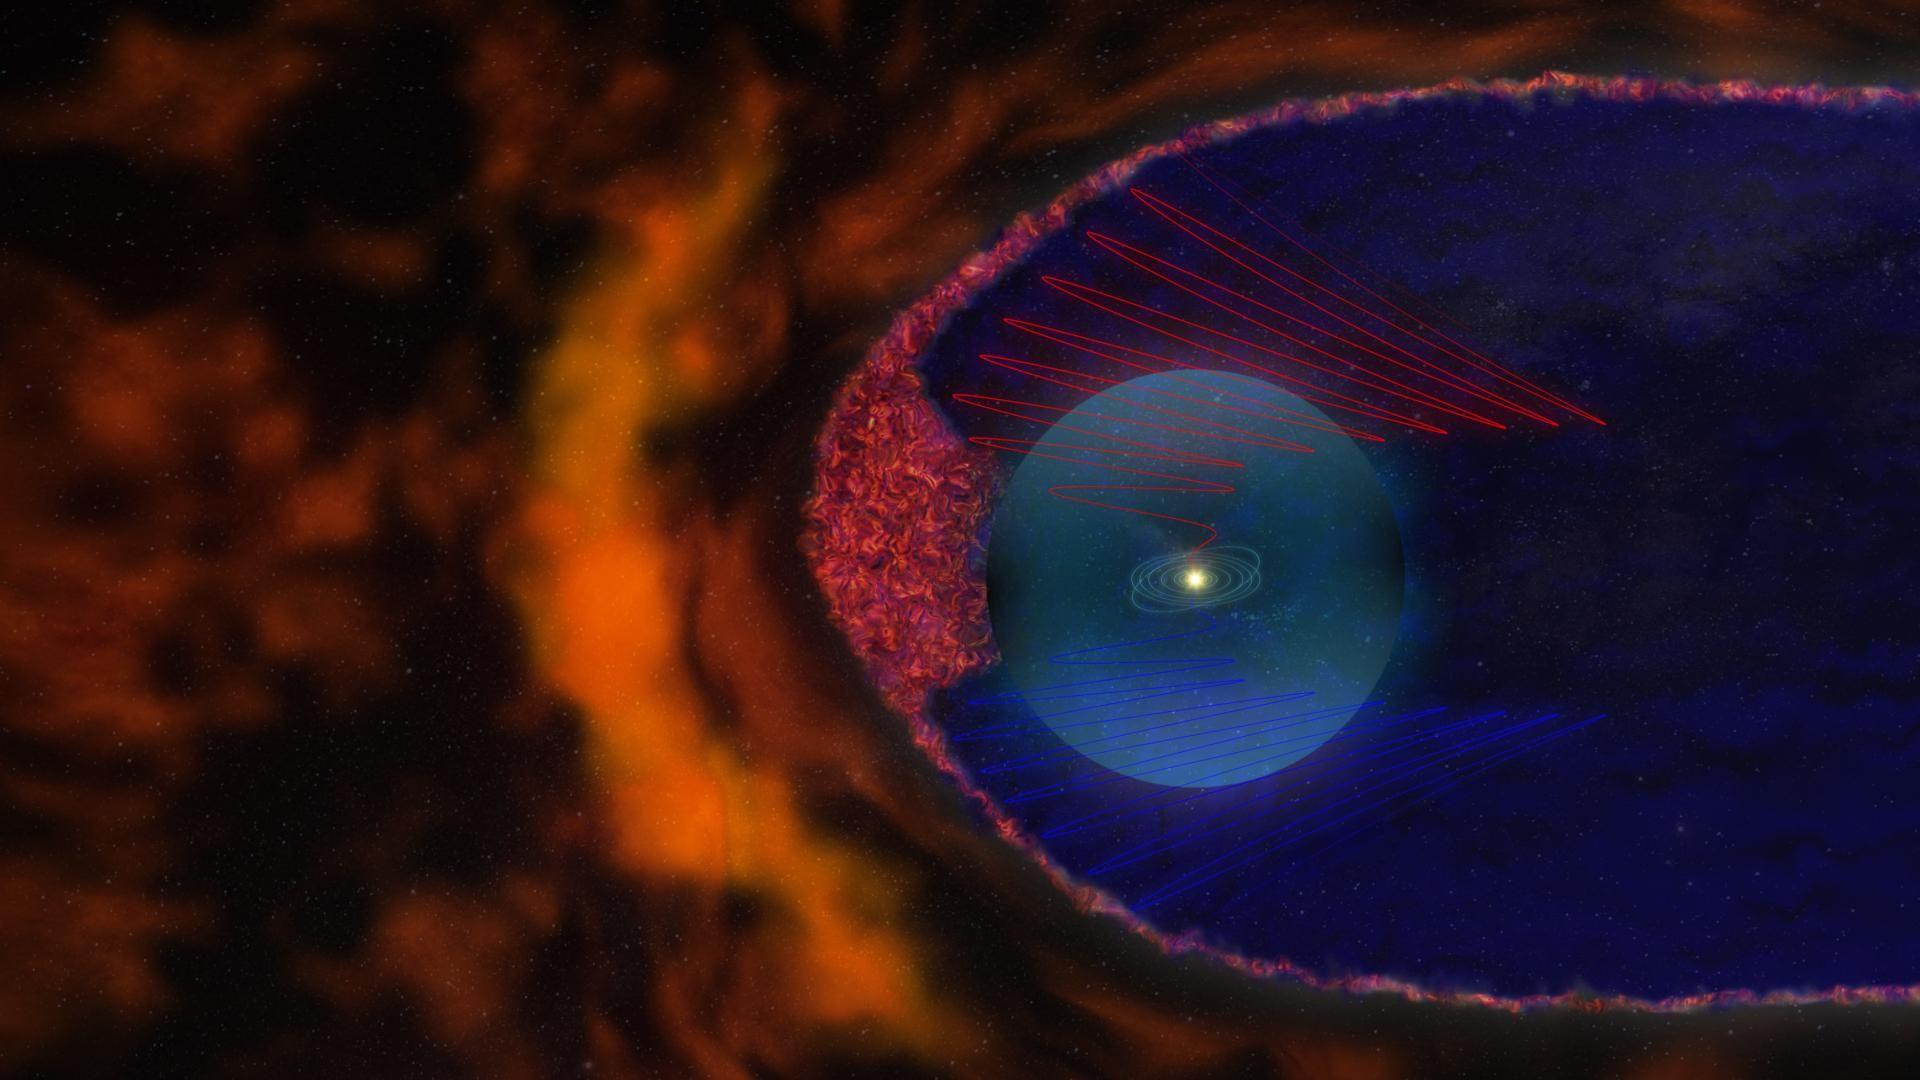 ボイジャー2号が太陽圏離脱 有終の美を飾る5つの成果